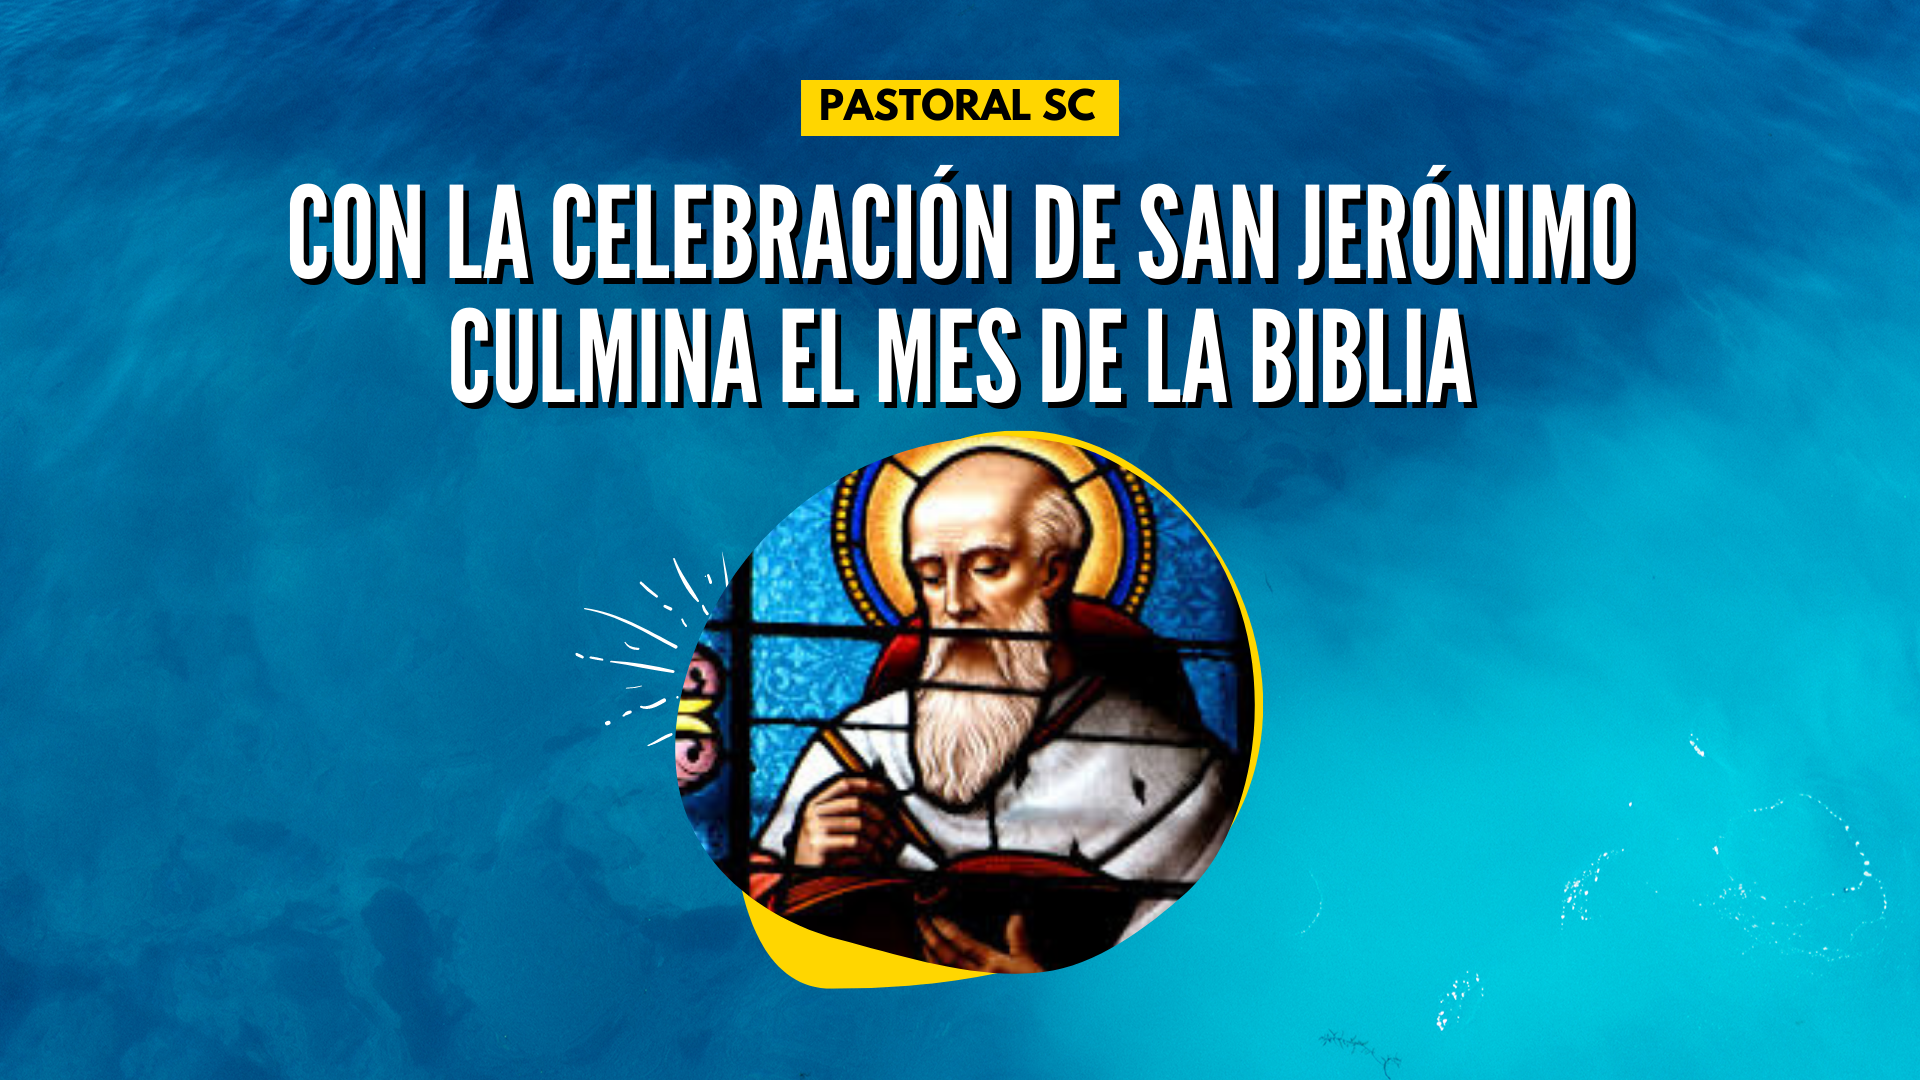 CON LA CELEBRACIÓN DE SAN JERÓNIMO CULMINA EL MES DE LA BIBLIA